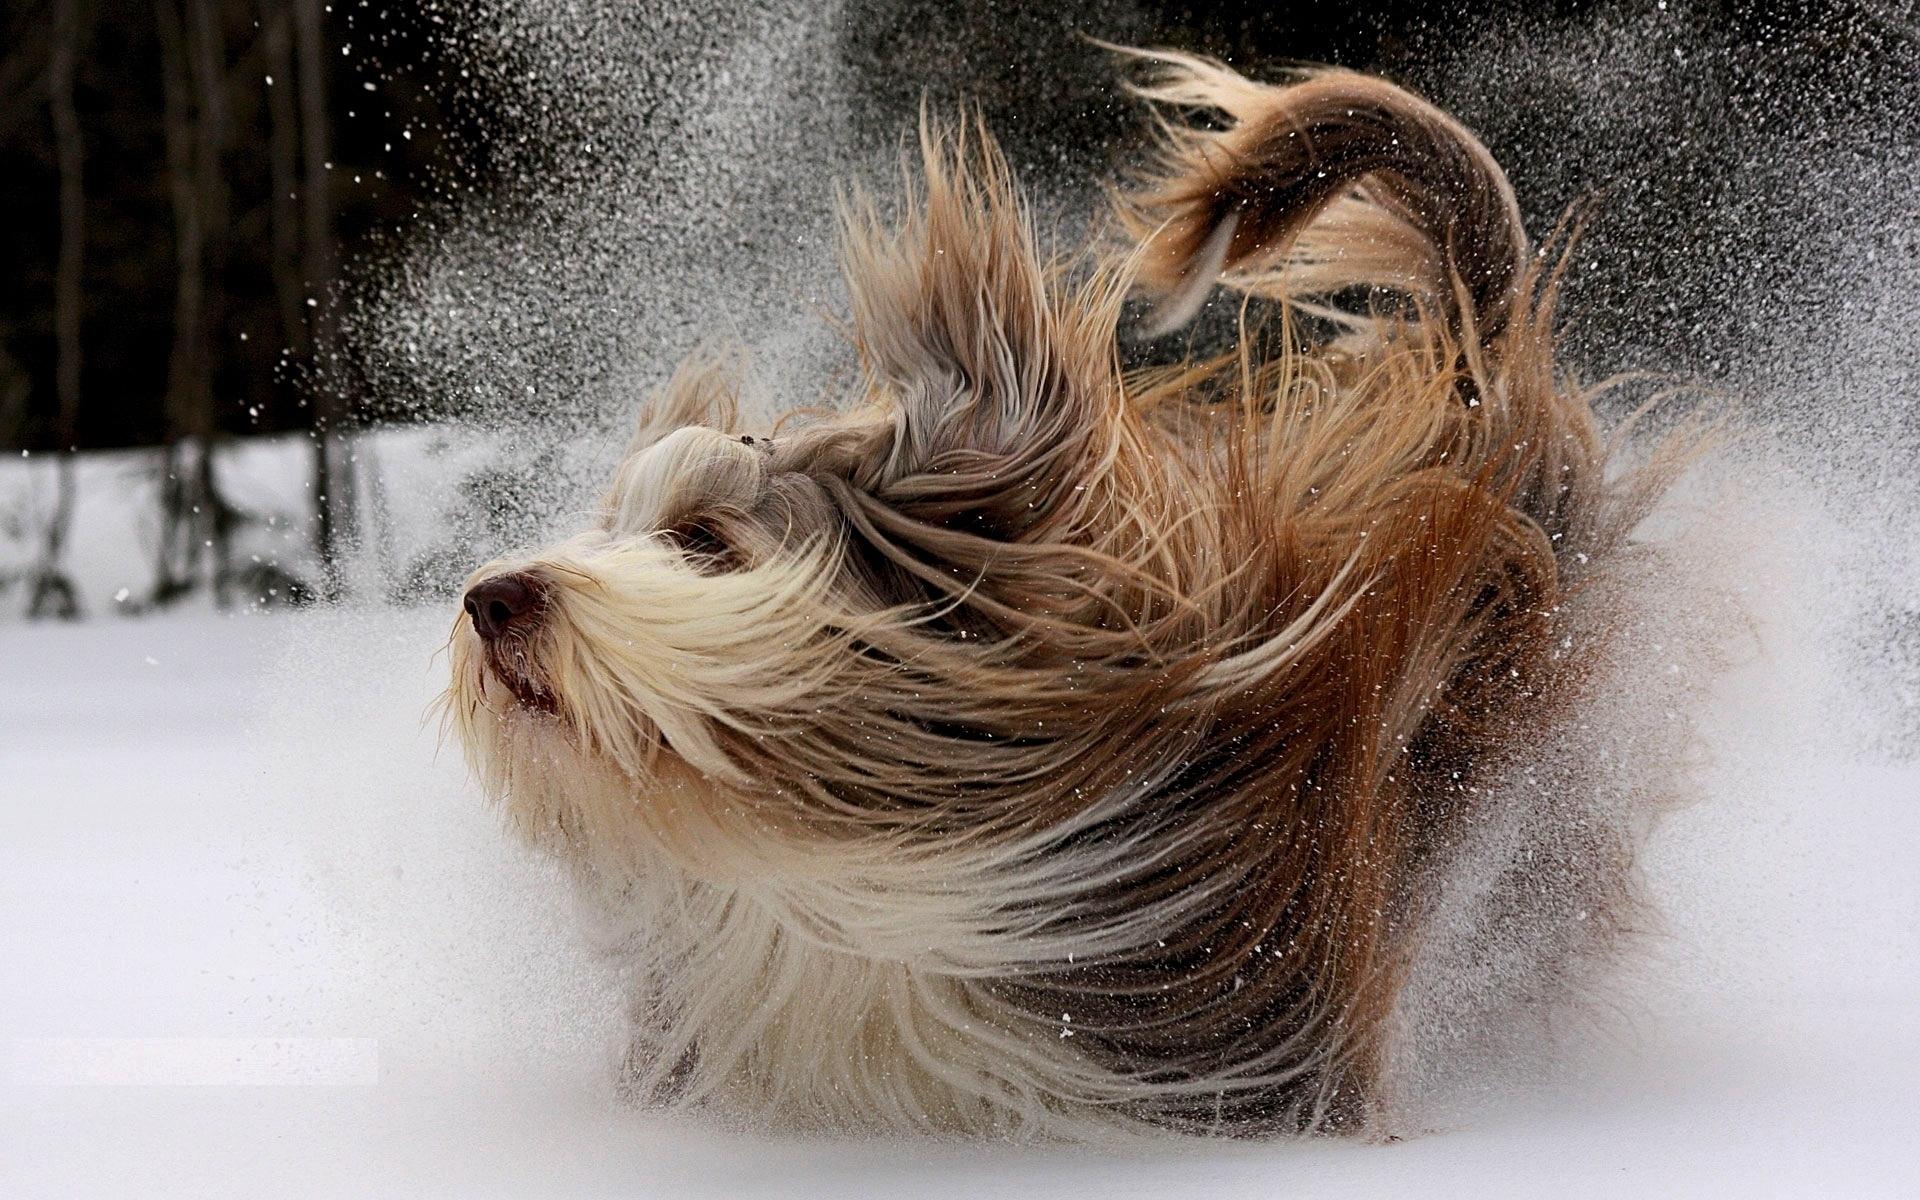 23551 скачать обои Животные, Собаки, Снег - заставки и картинки бесплатно